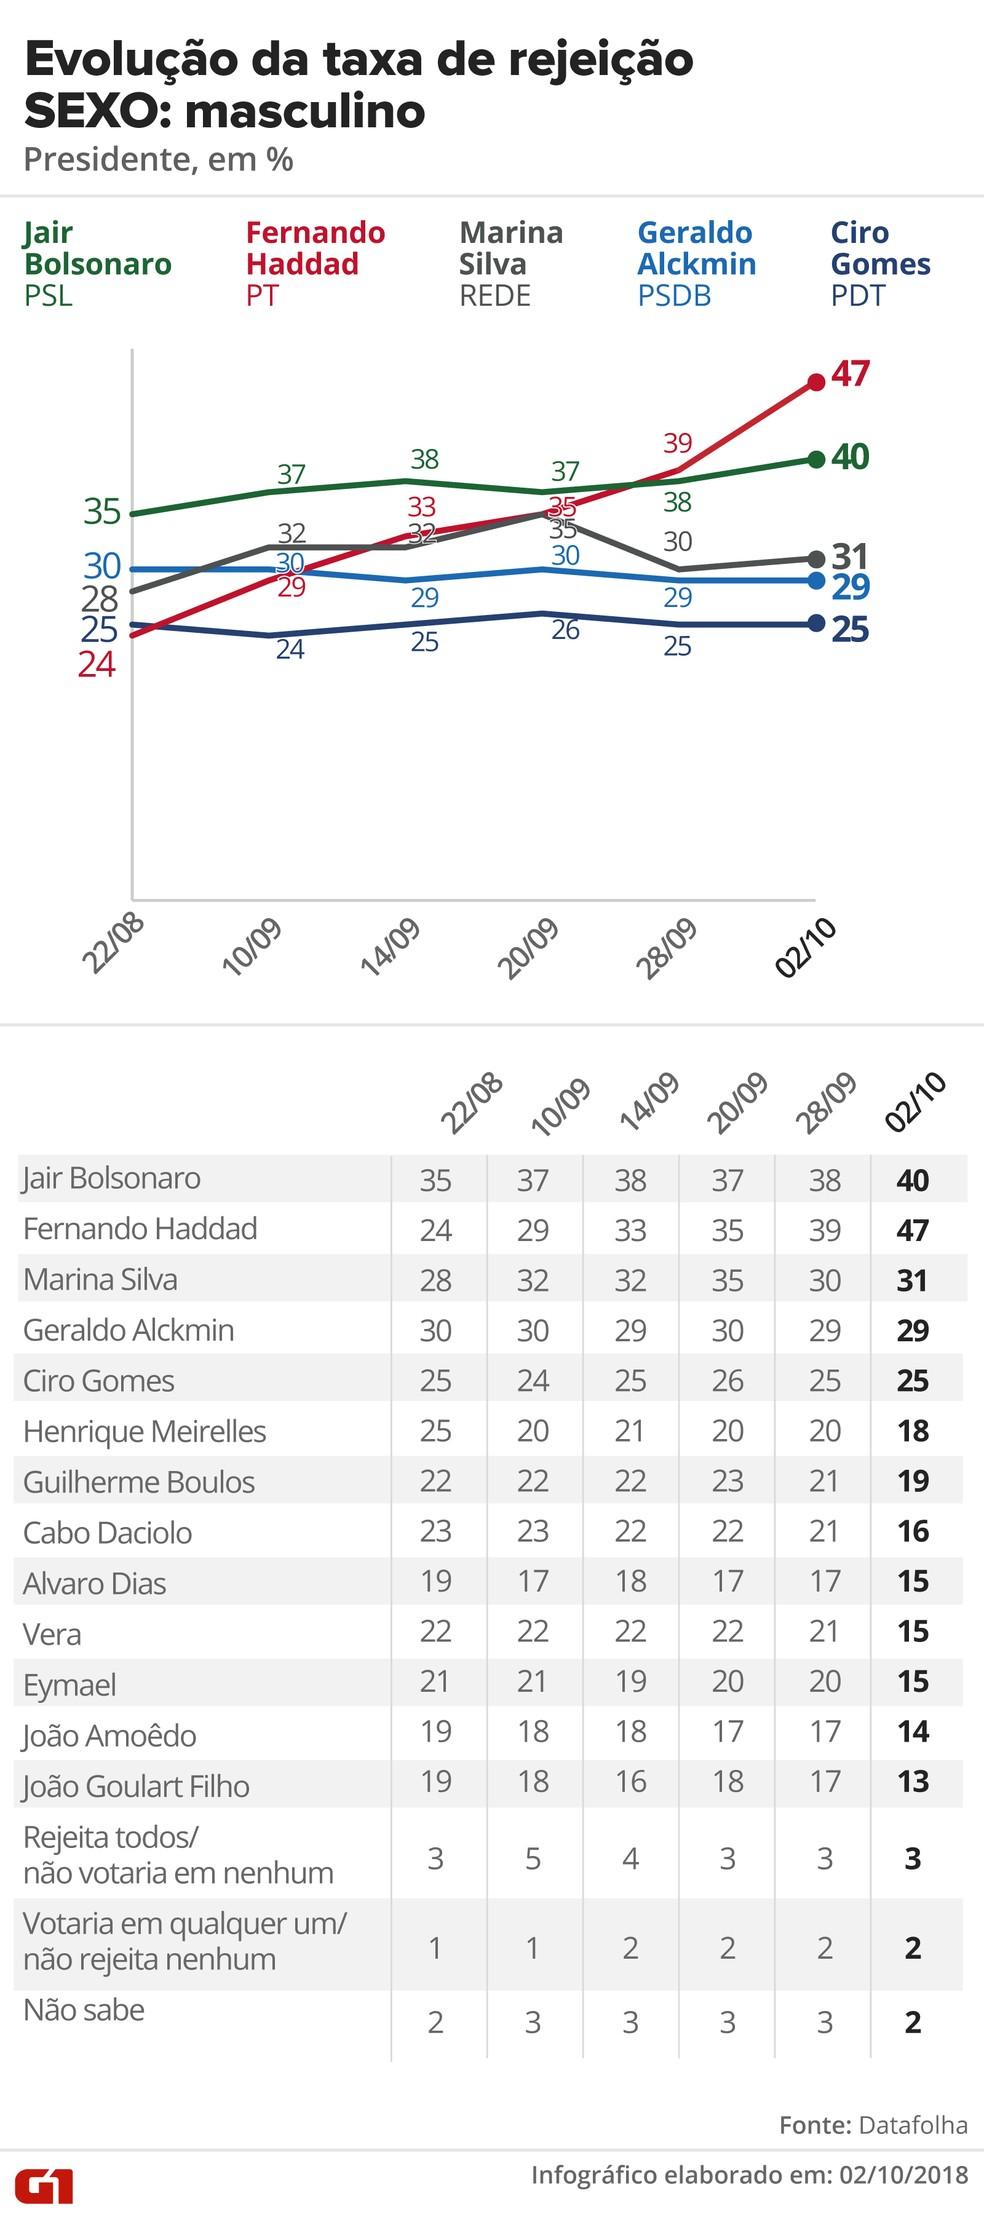 Pesquisa Datafolha, 2/10 para presidente - Rejeição - Sexo: Masculino — Foto: G1 Arte